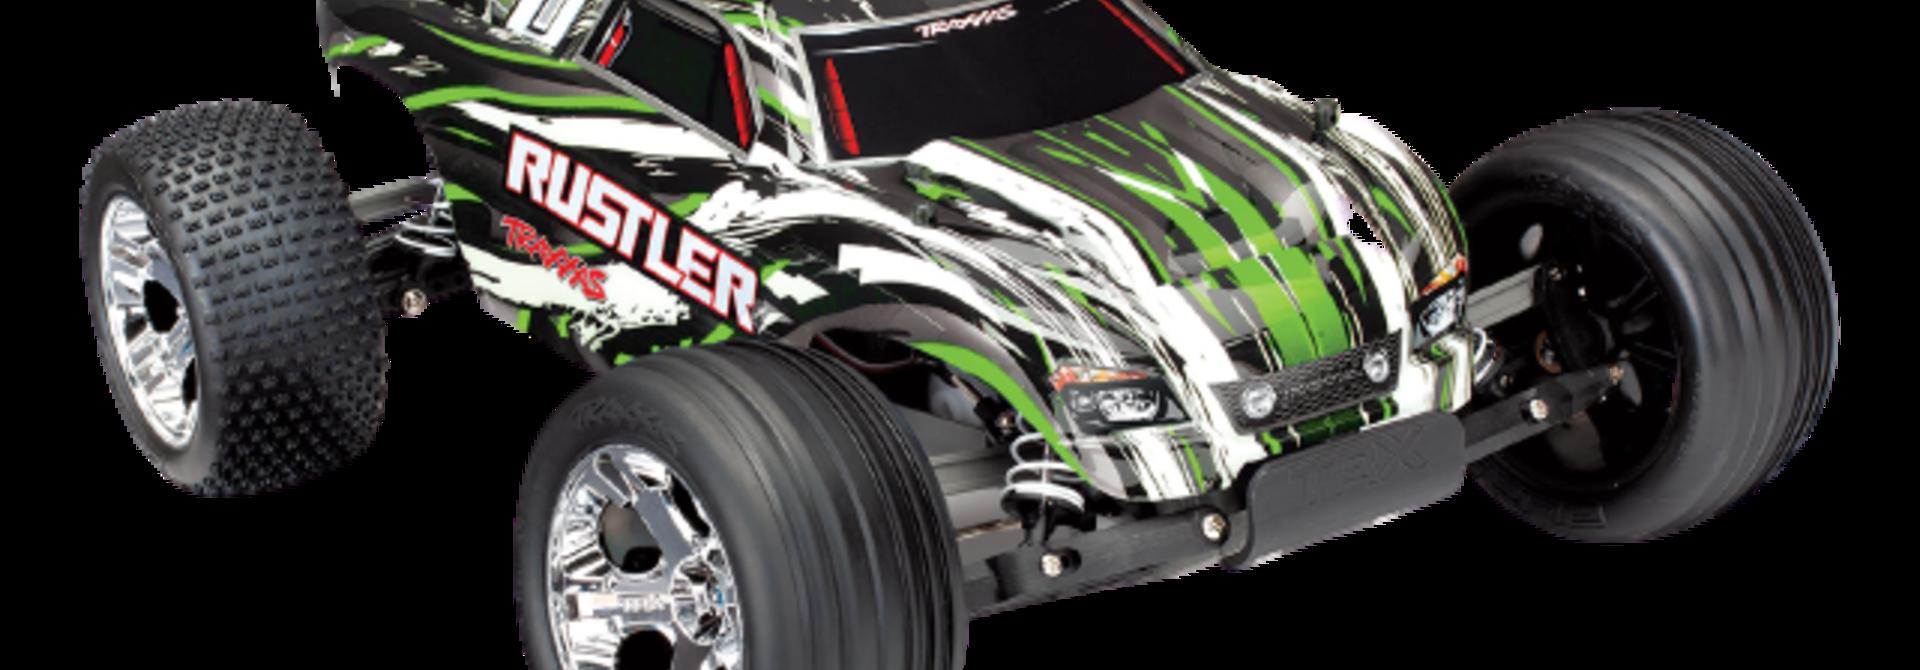 Traxxas Rustler XL-5 TQ (incl battery/charger), Green TRX37054-1G